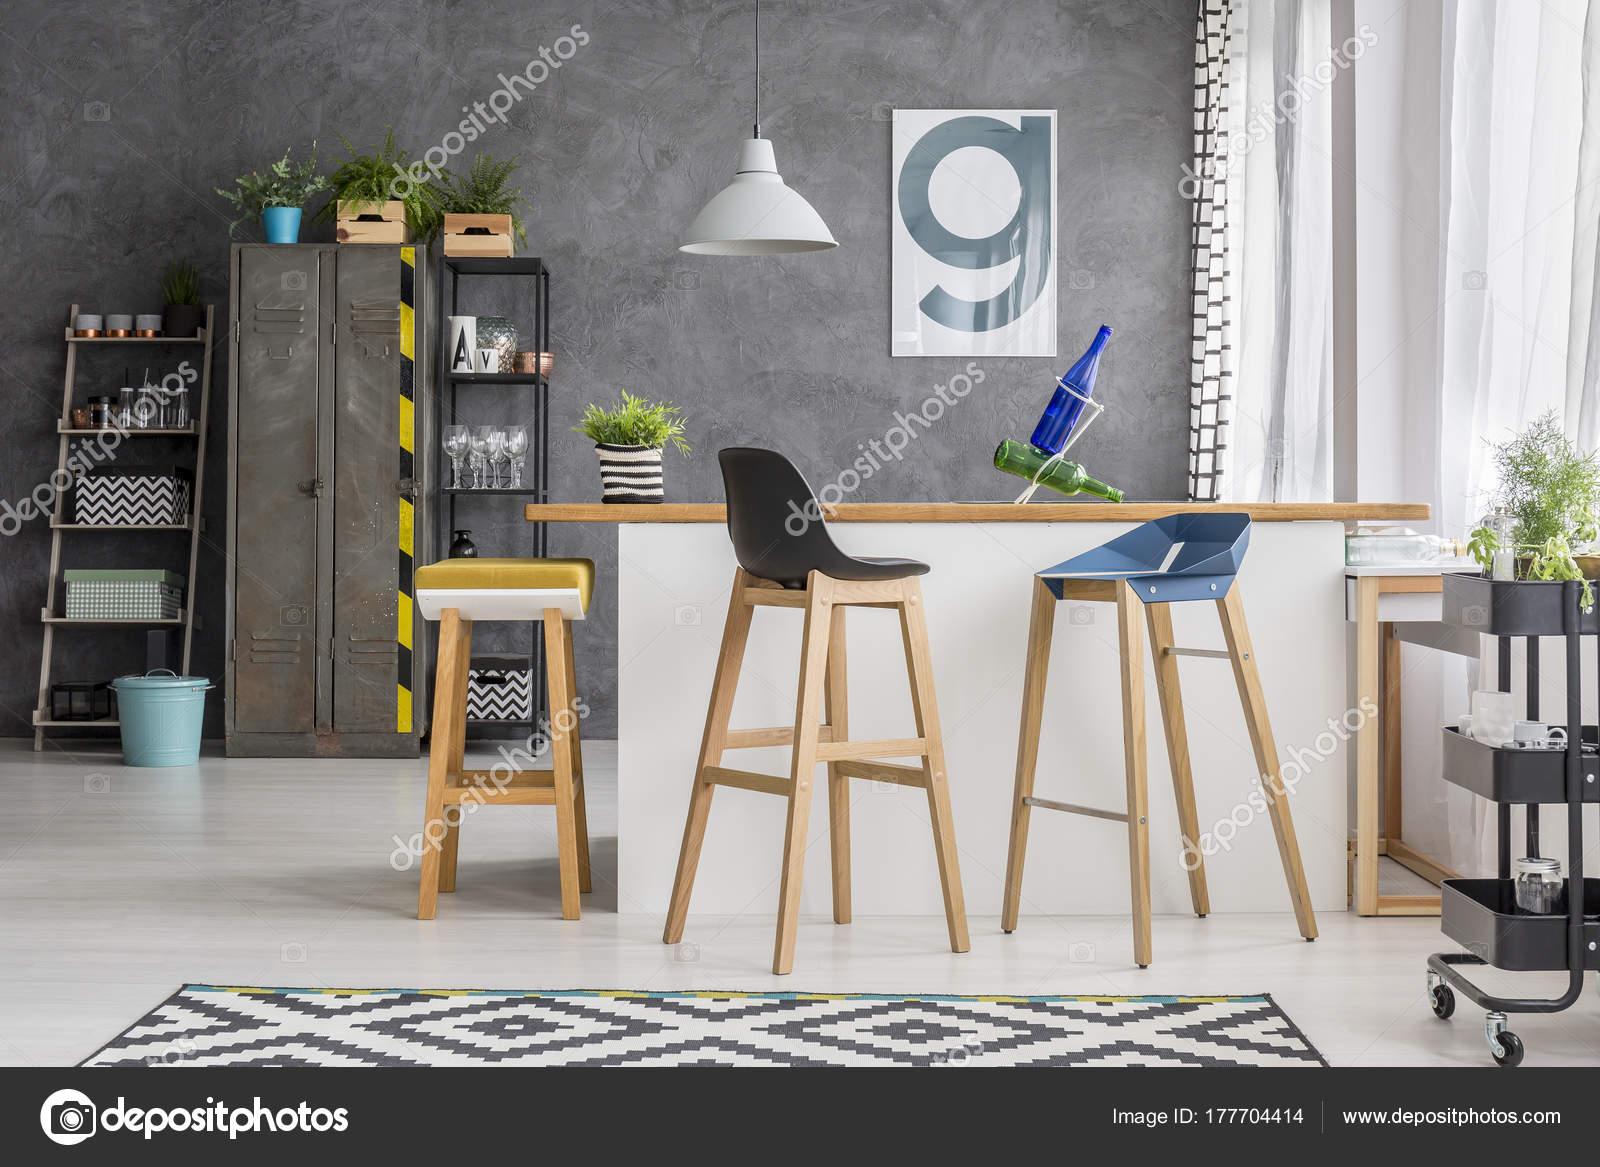 Bar sgabelli in cucina in legno u foto stock photographee eu